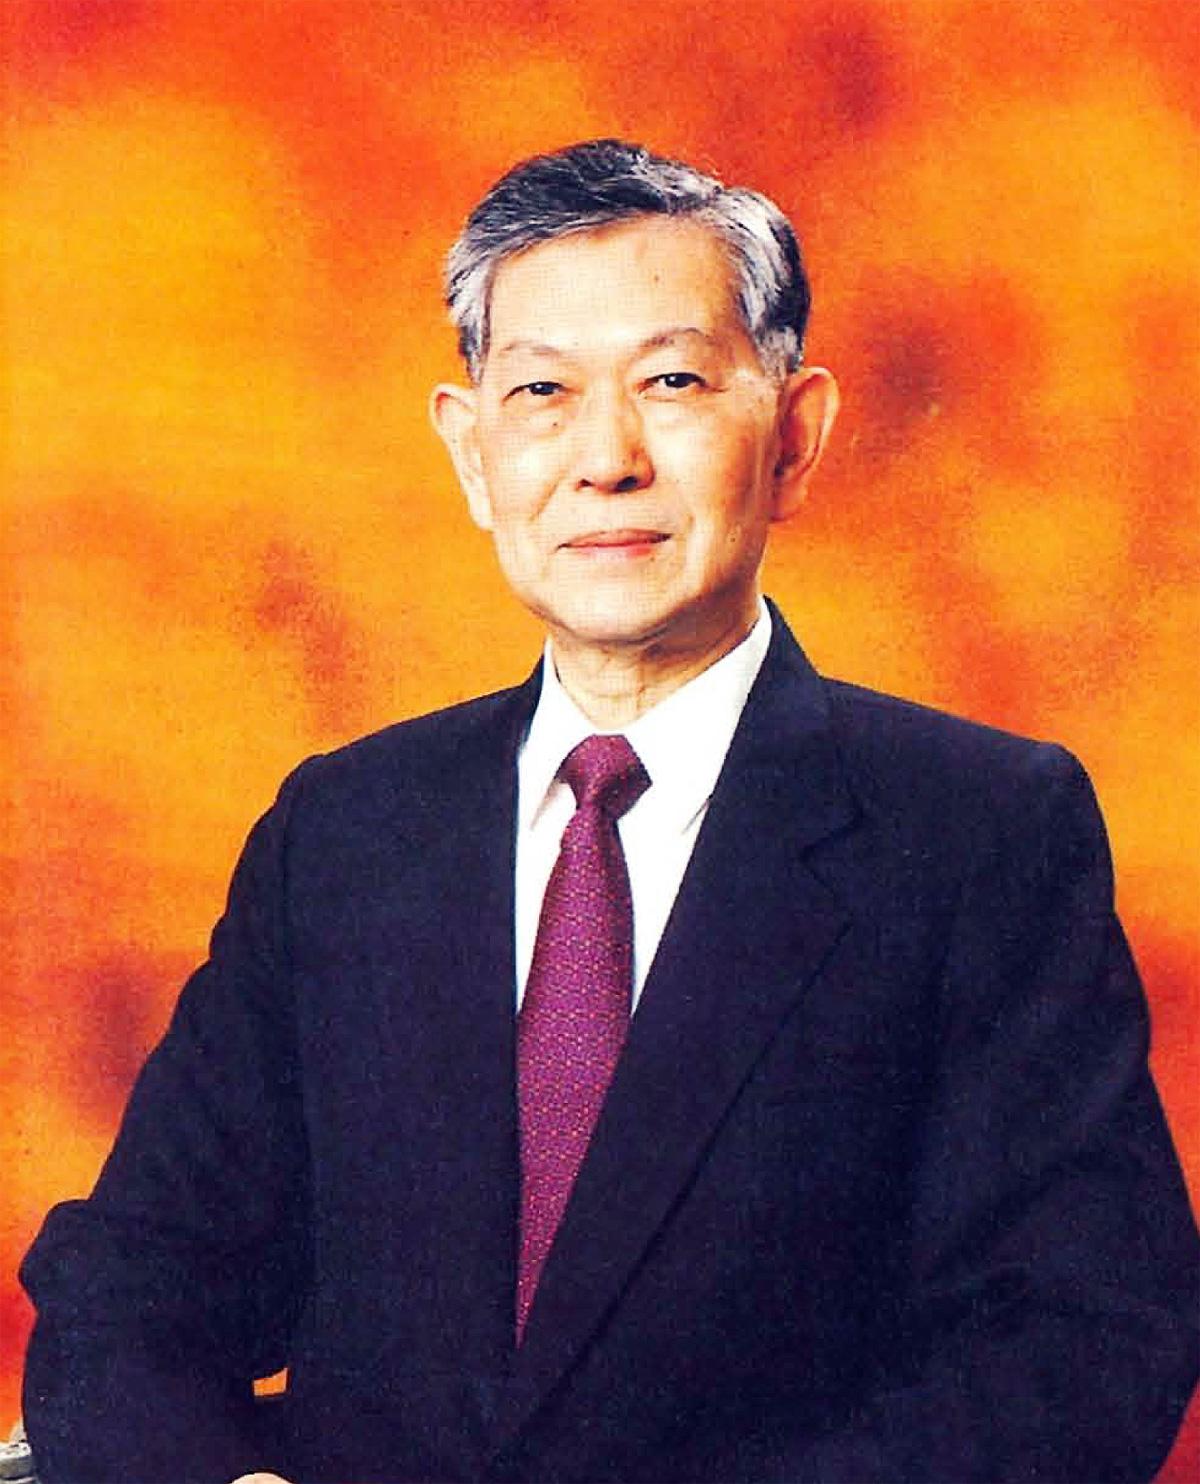 台灣食品老牌義美食品董事長高騰蛟先生,6日凌晨在家睡夢中辭世,享壽89歲。